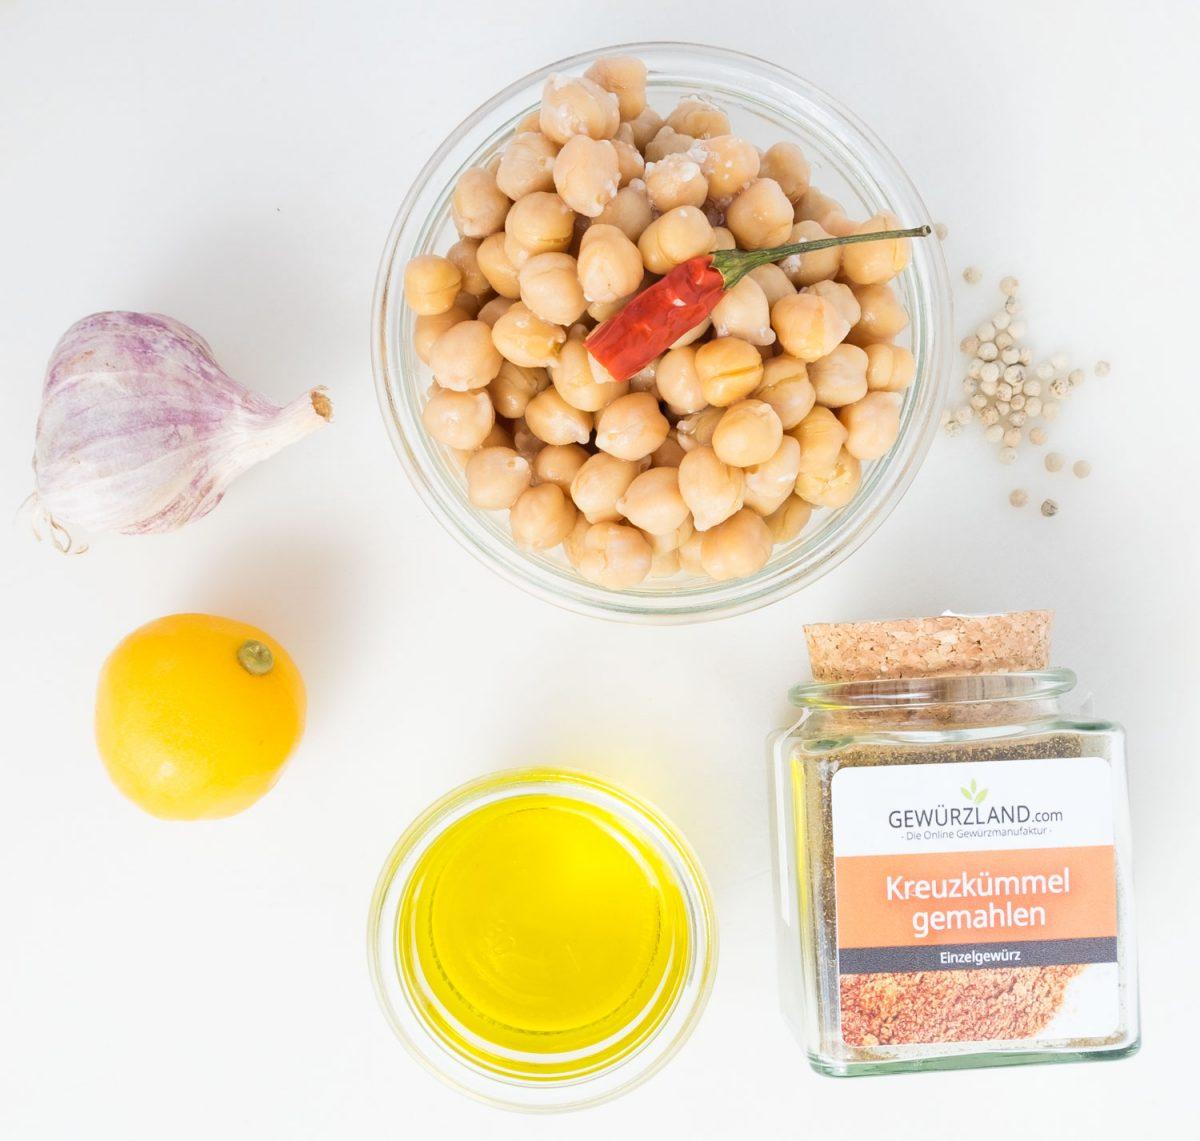 Die Zutaten für Hummus mit Salzzitrone auf Küchenbrett